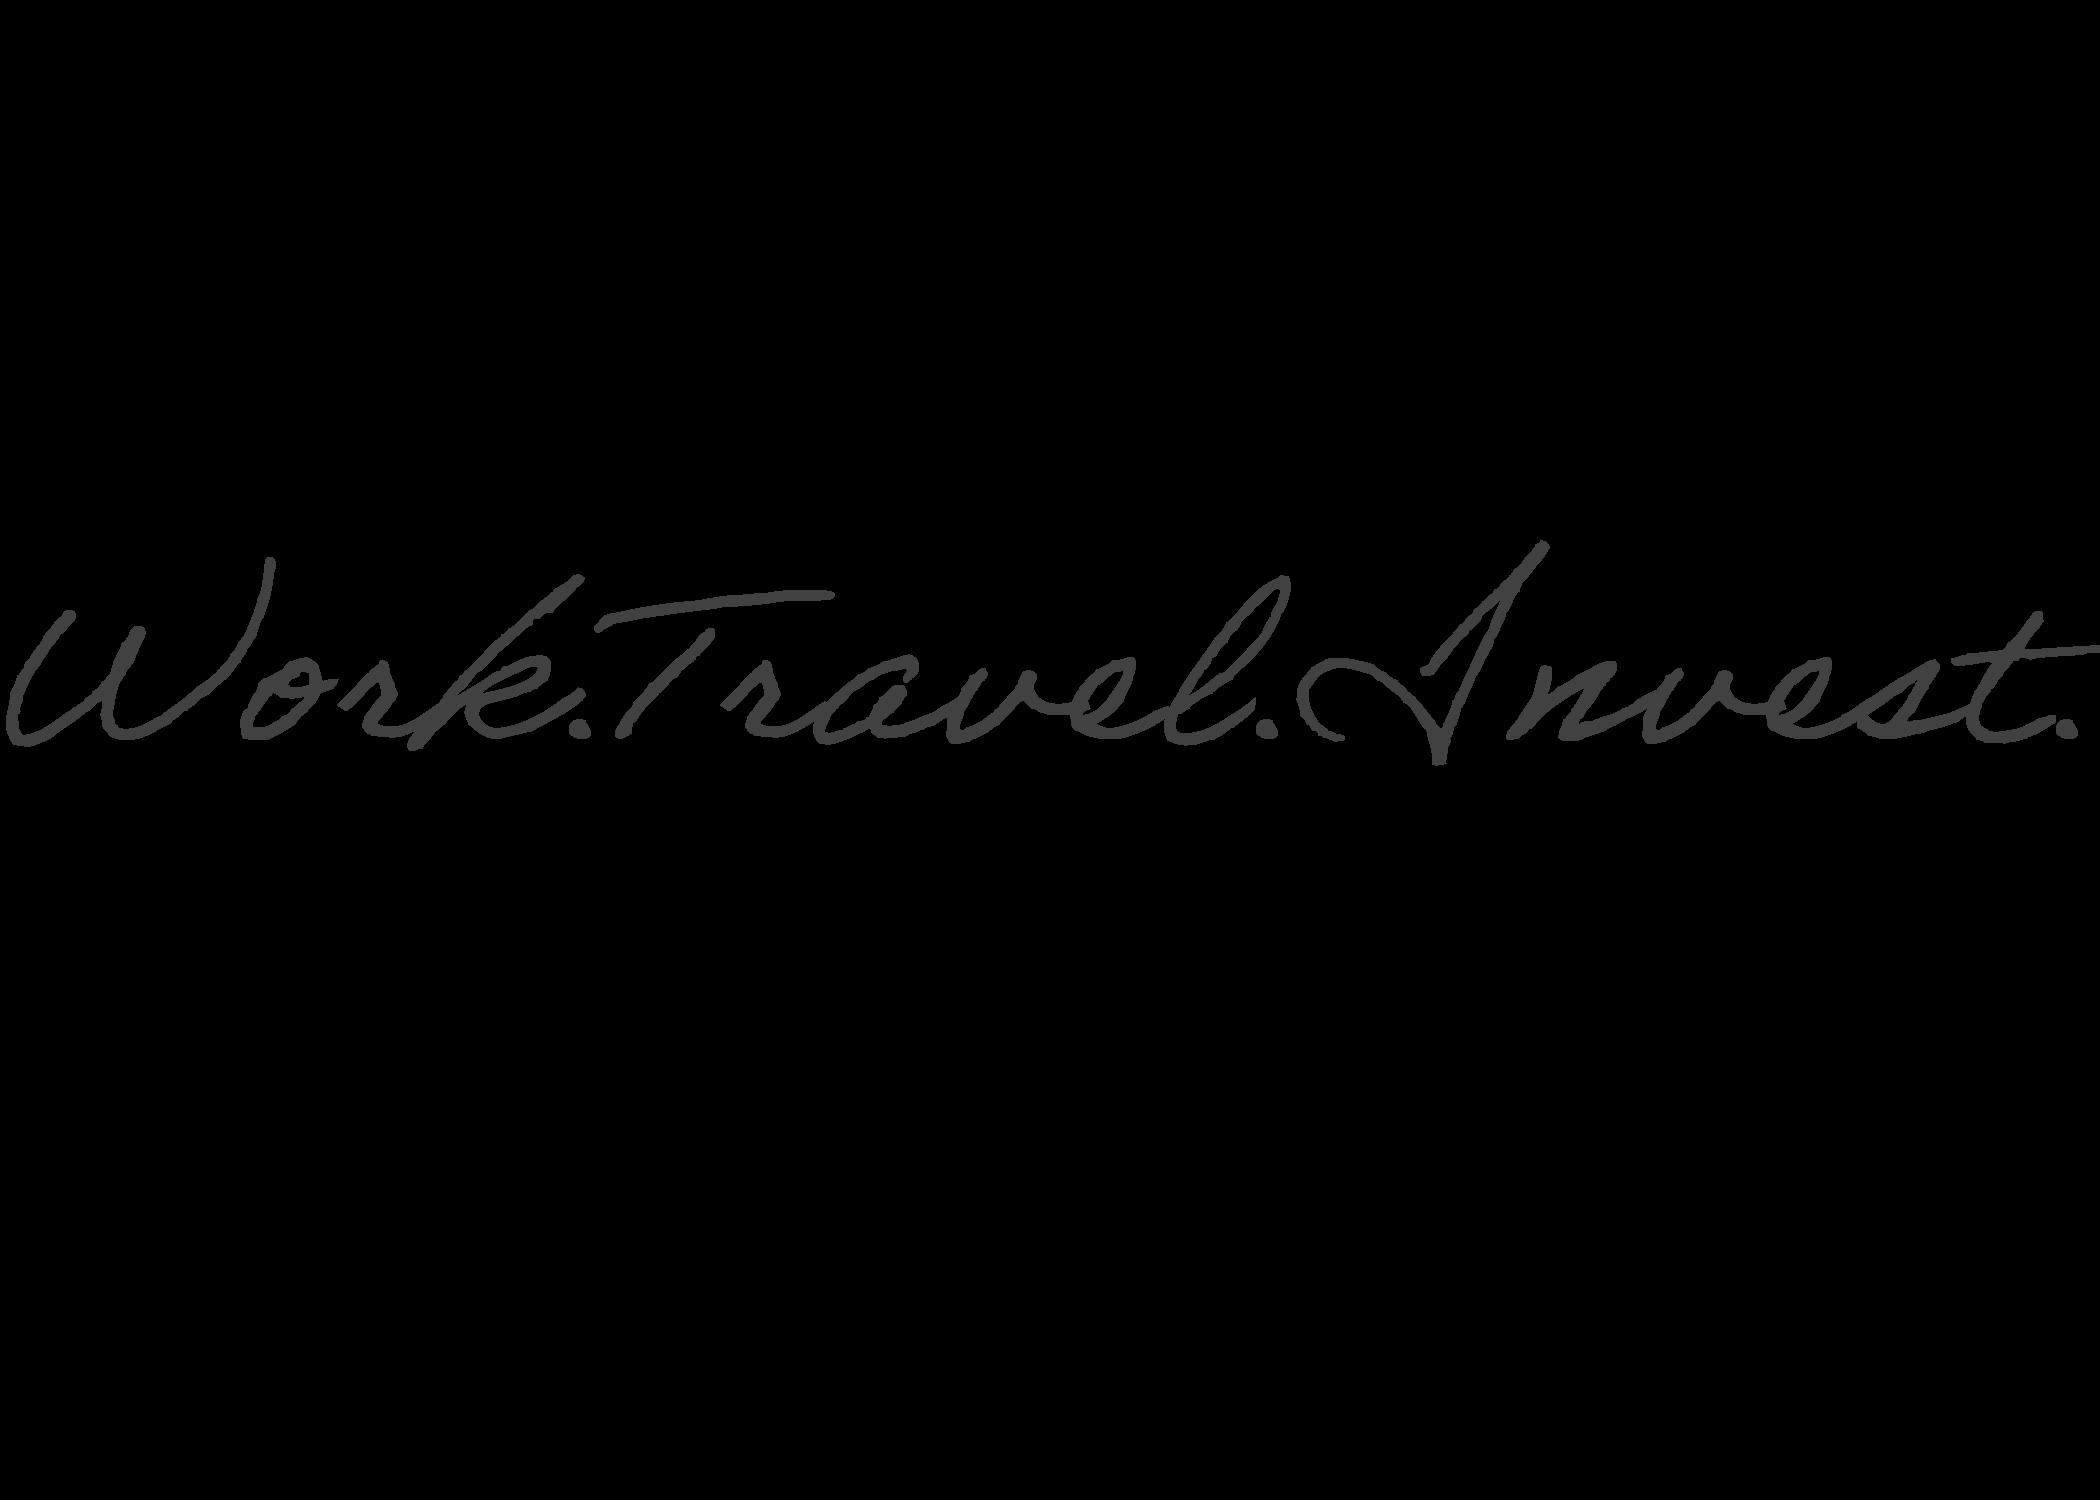 Work Travel Invest